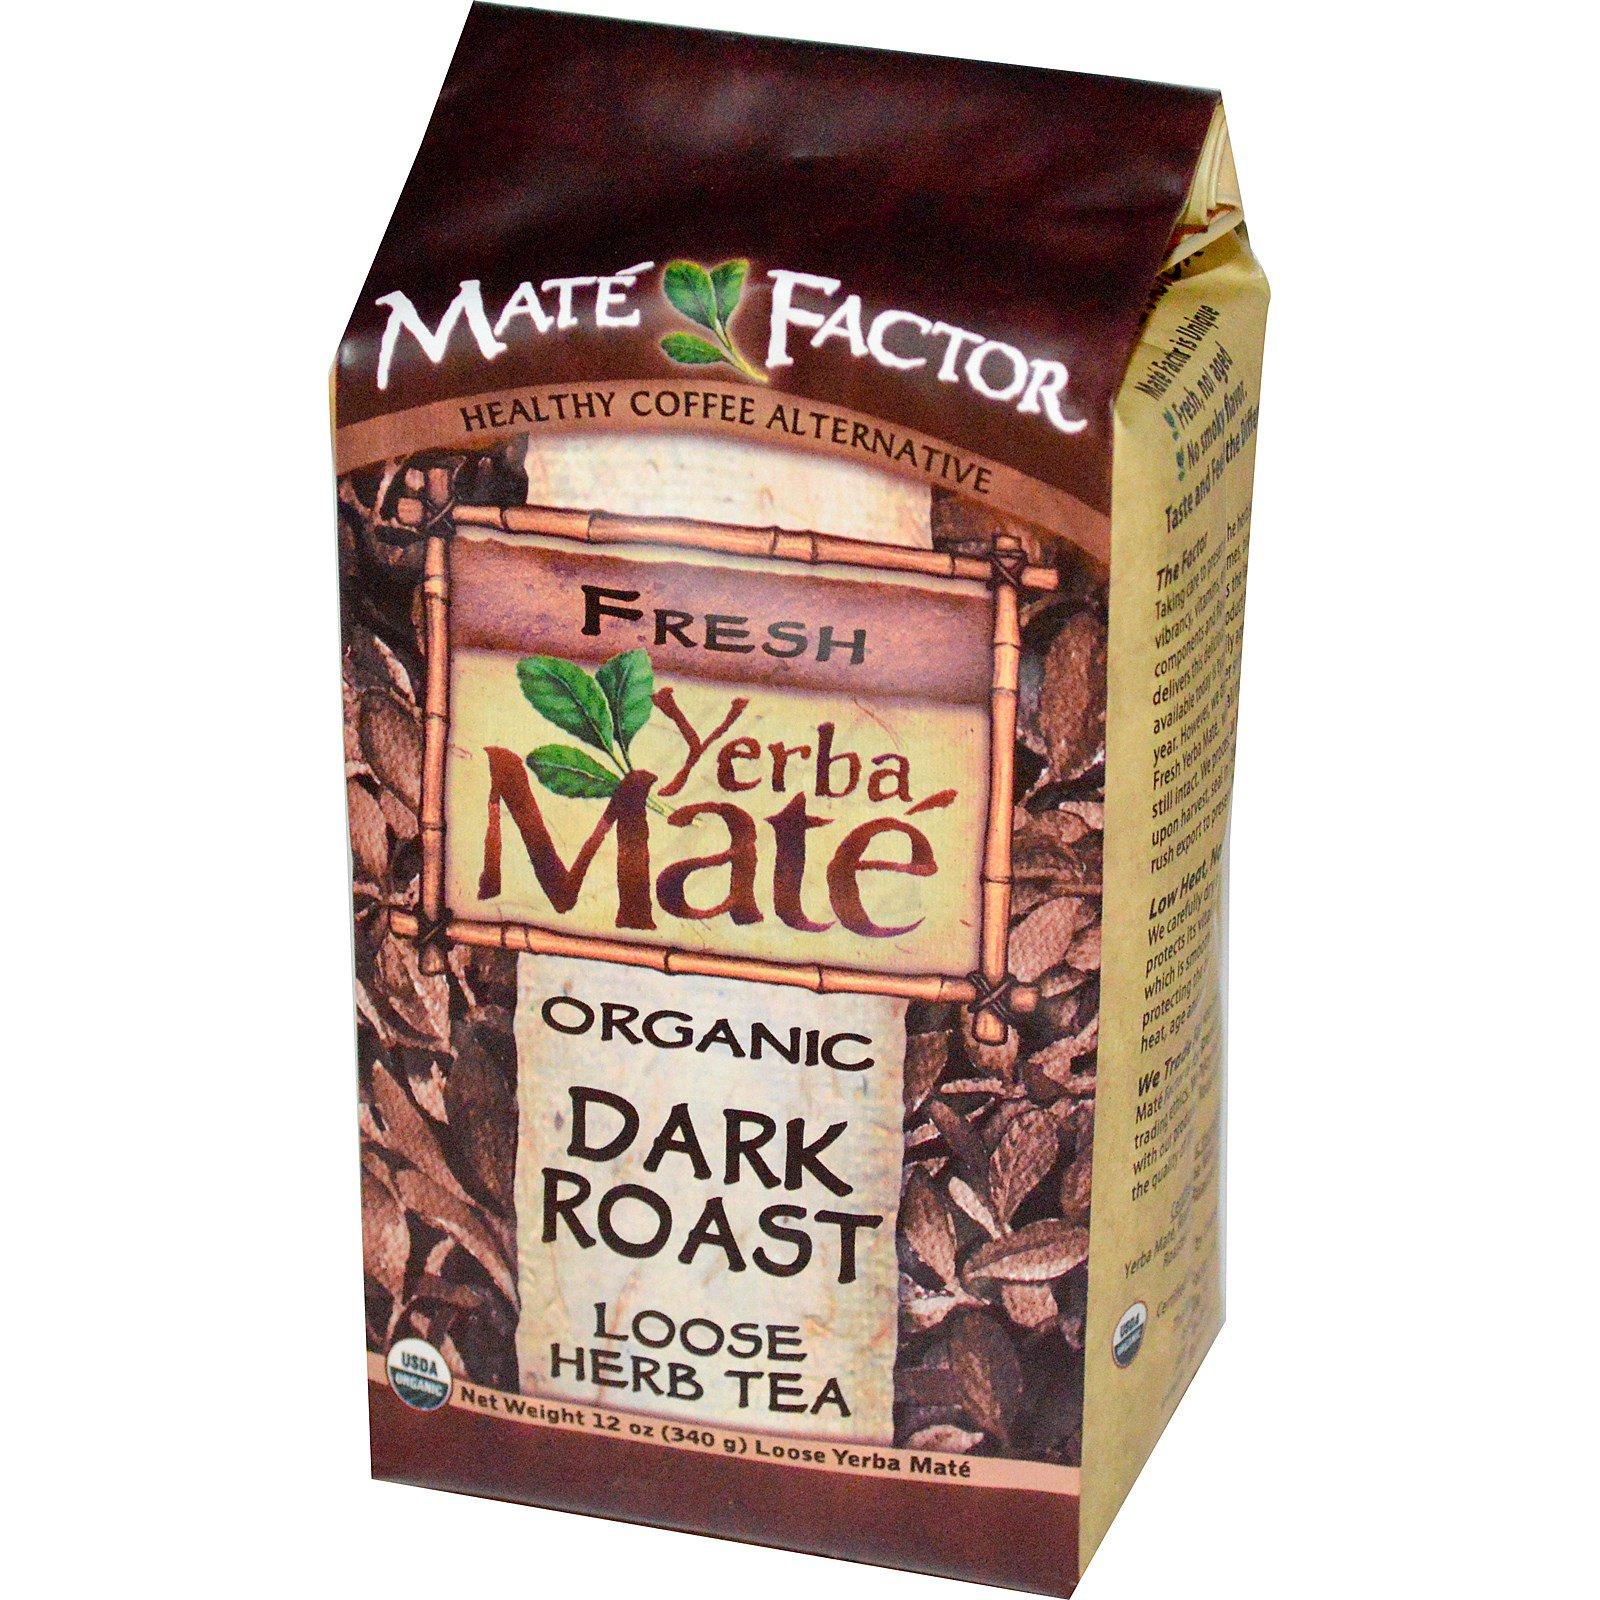 Mate Factor, Органический чая Мате, глубокая обжарка, листовой травяной чай, 12 унций (340 г)